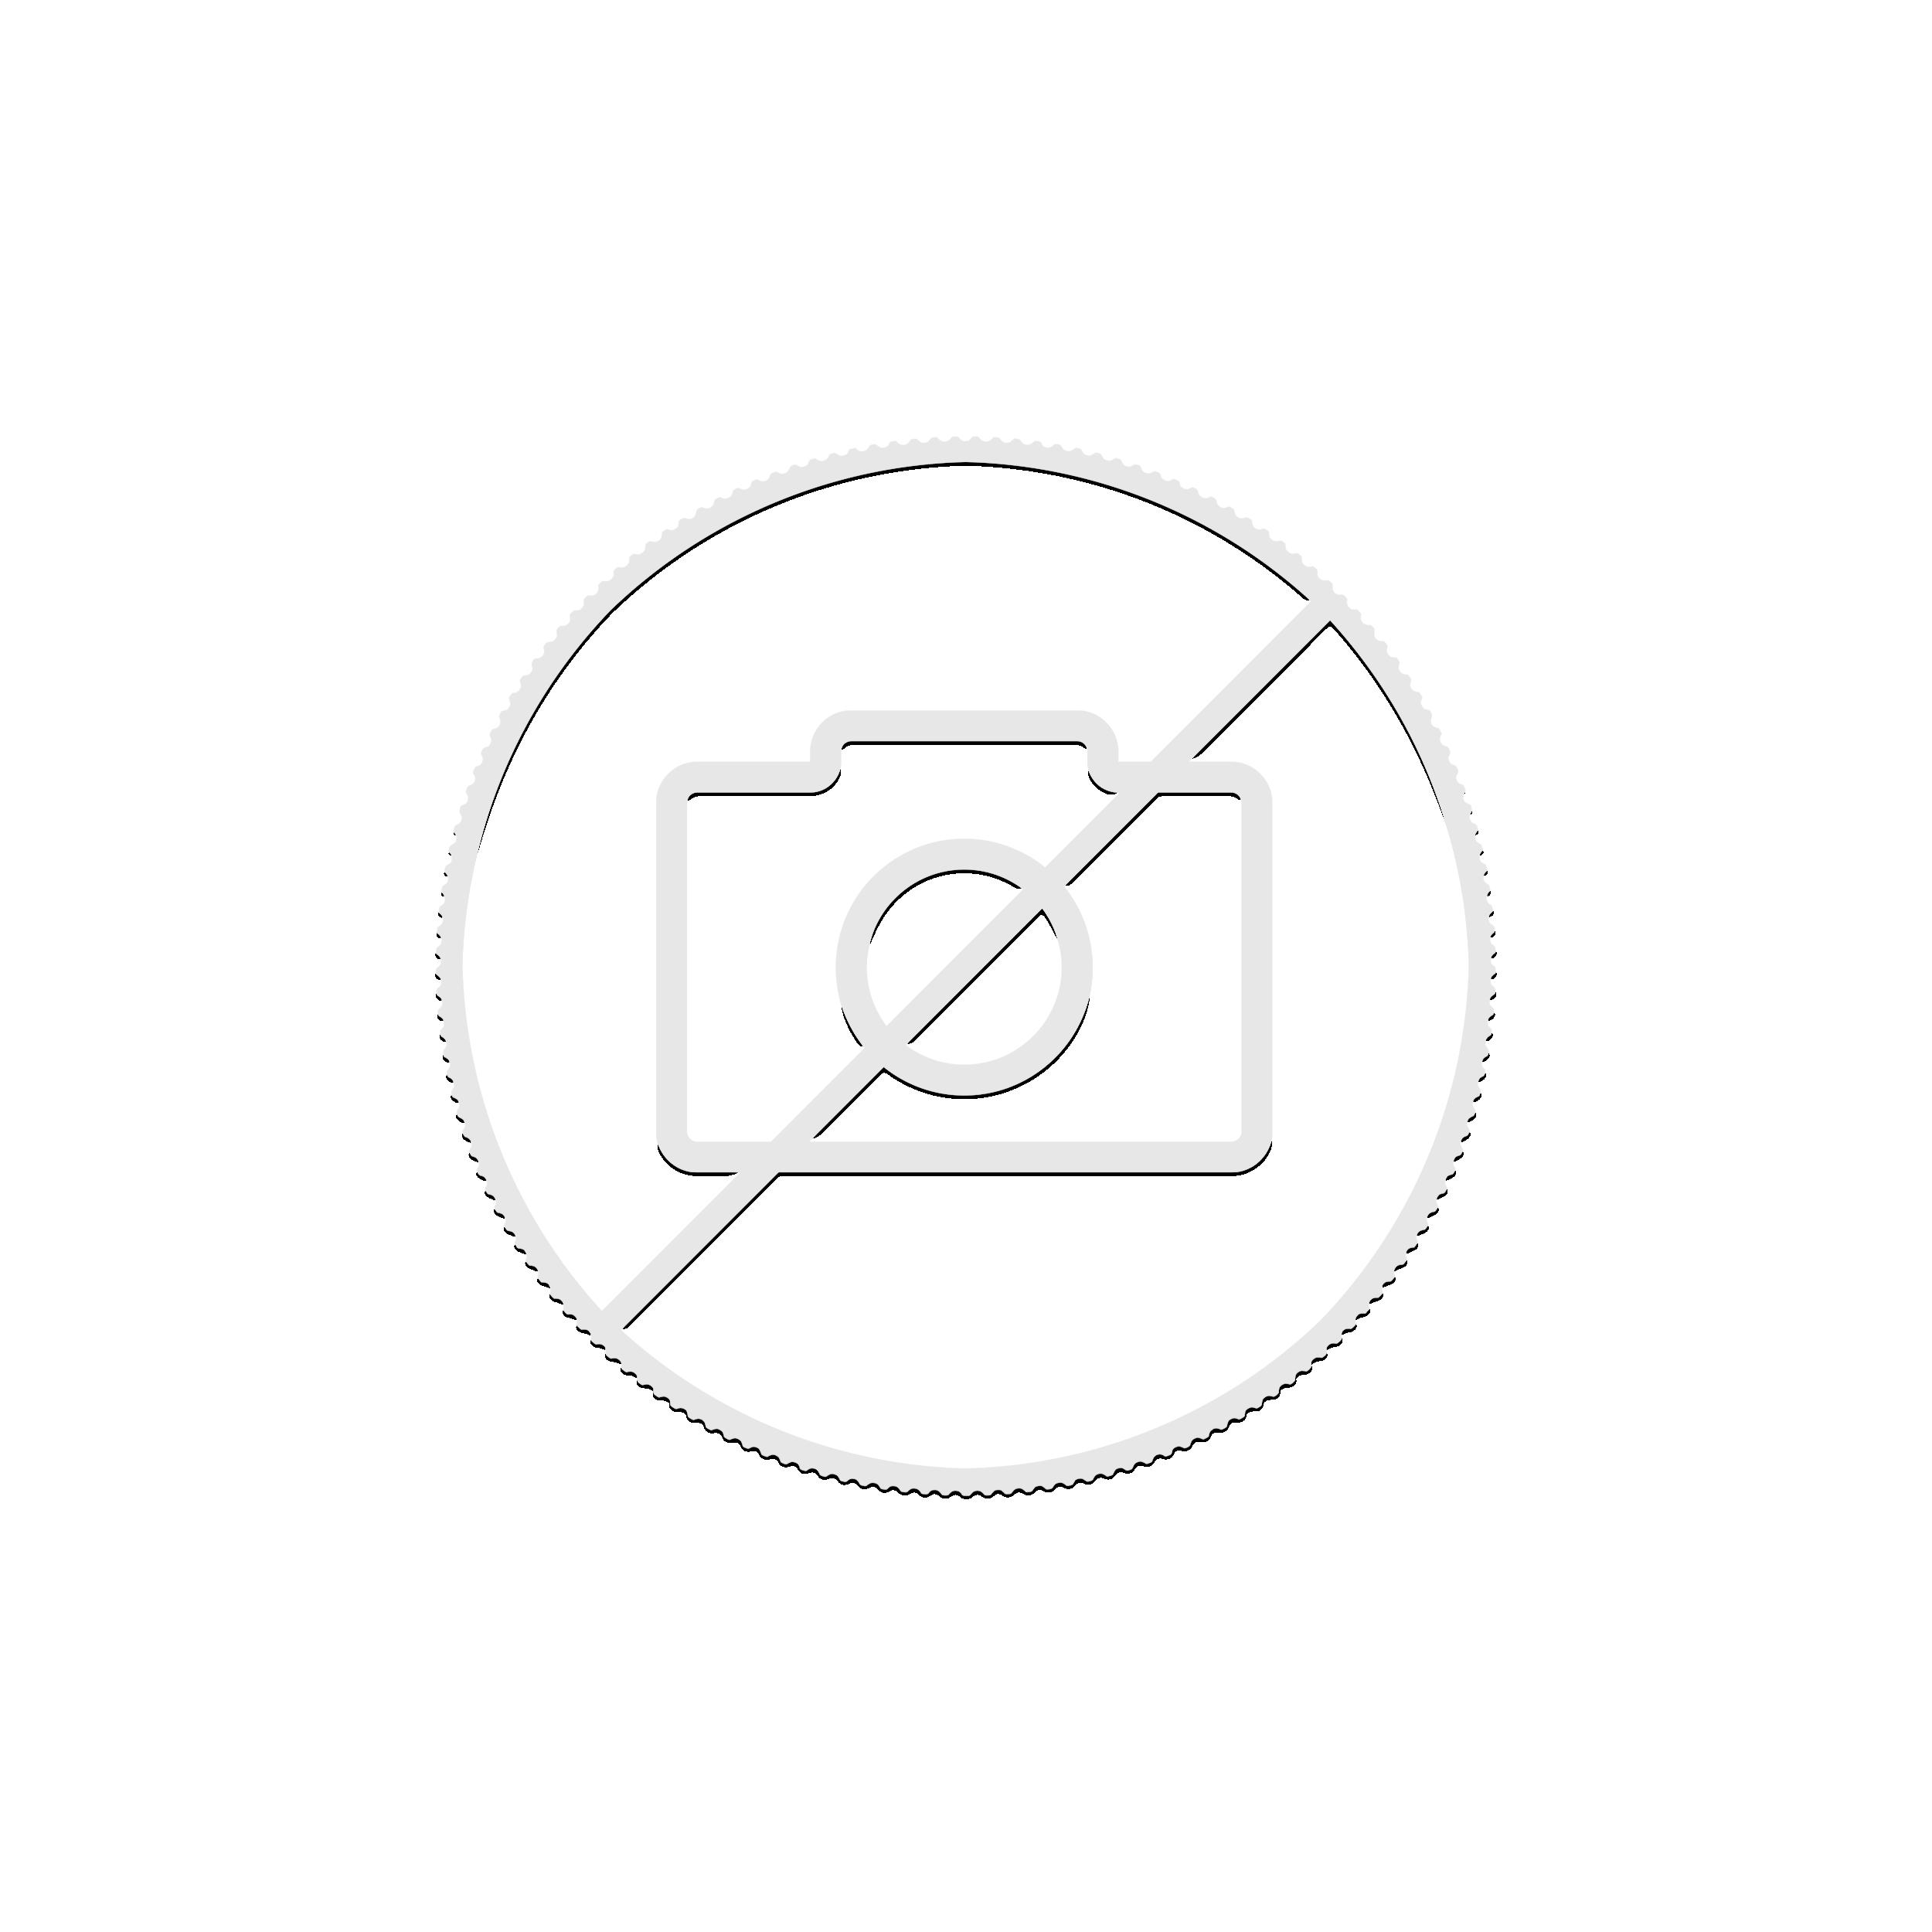 10 Troy ounce silver coin Kookaburra 2019